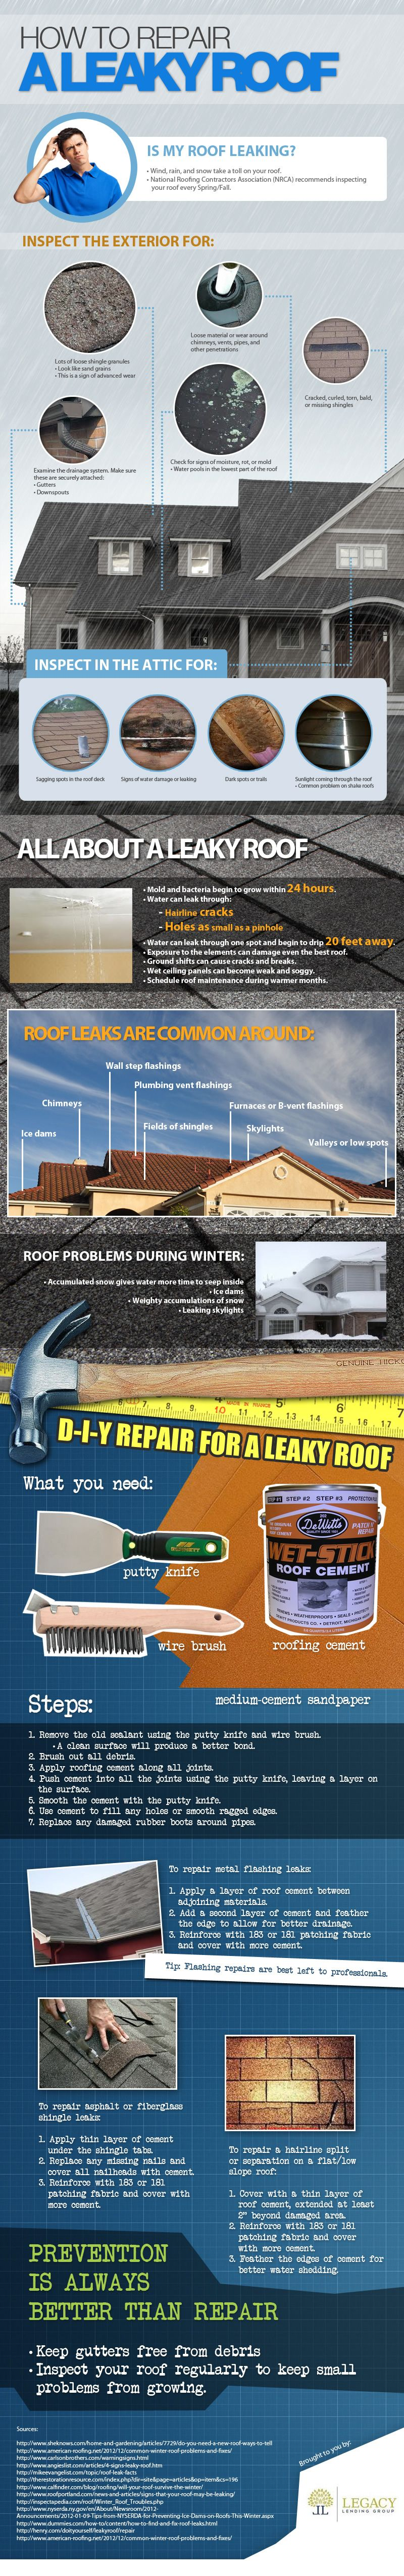 How To Repair A Leaky Roof Leaky Roof Diy Home Repair Roof Repair